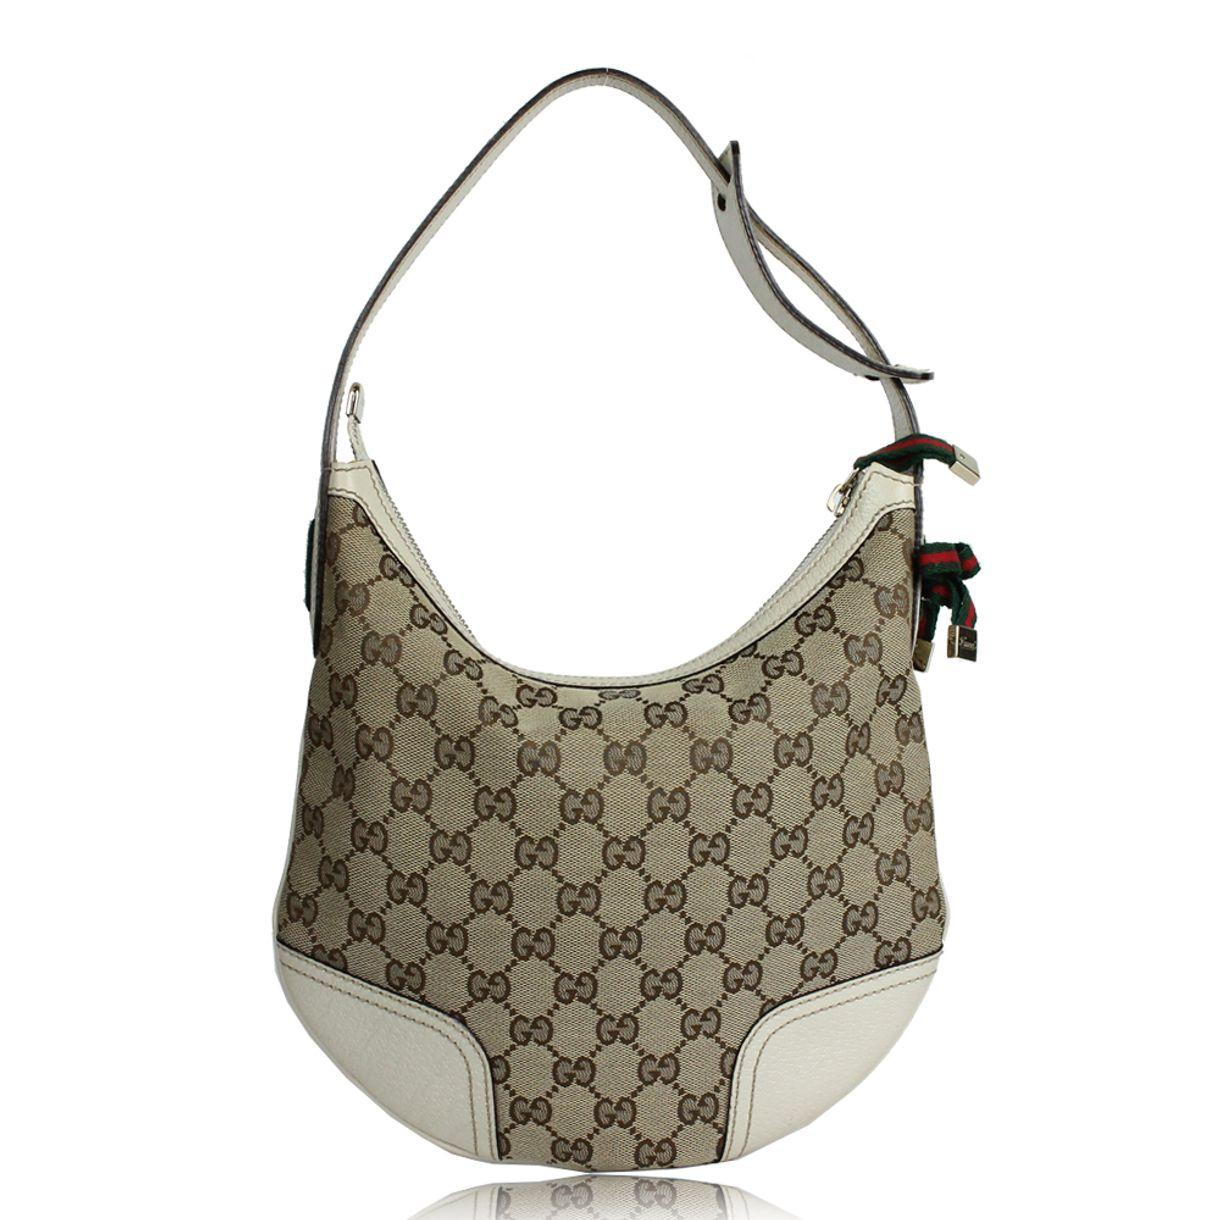 1a7546311b Bolsa Gucci Sukey M Denim | Brechó de luxo | Pretty New - prettynew